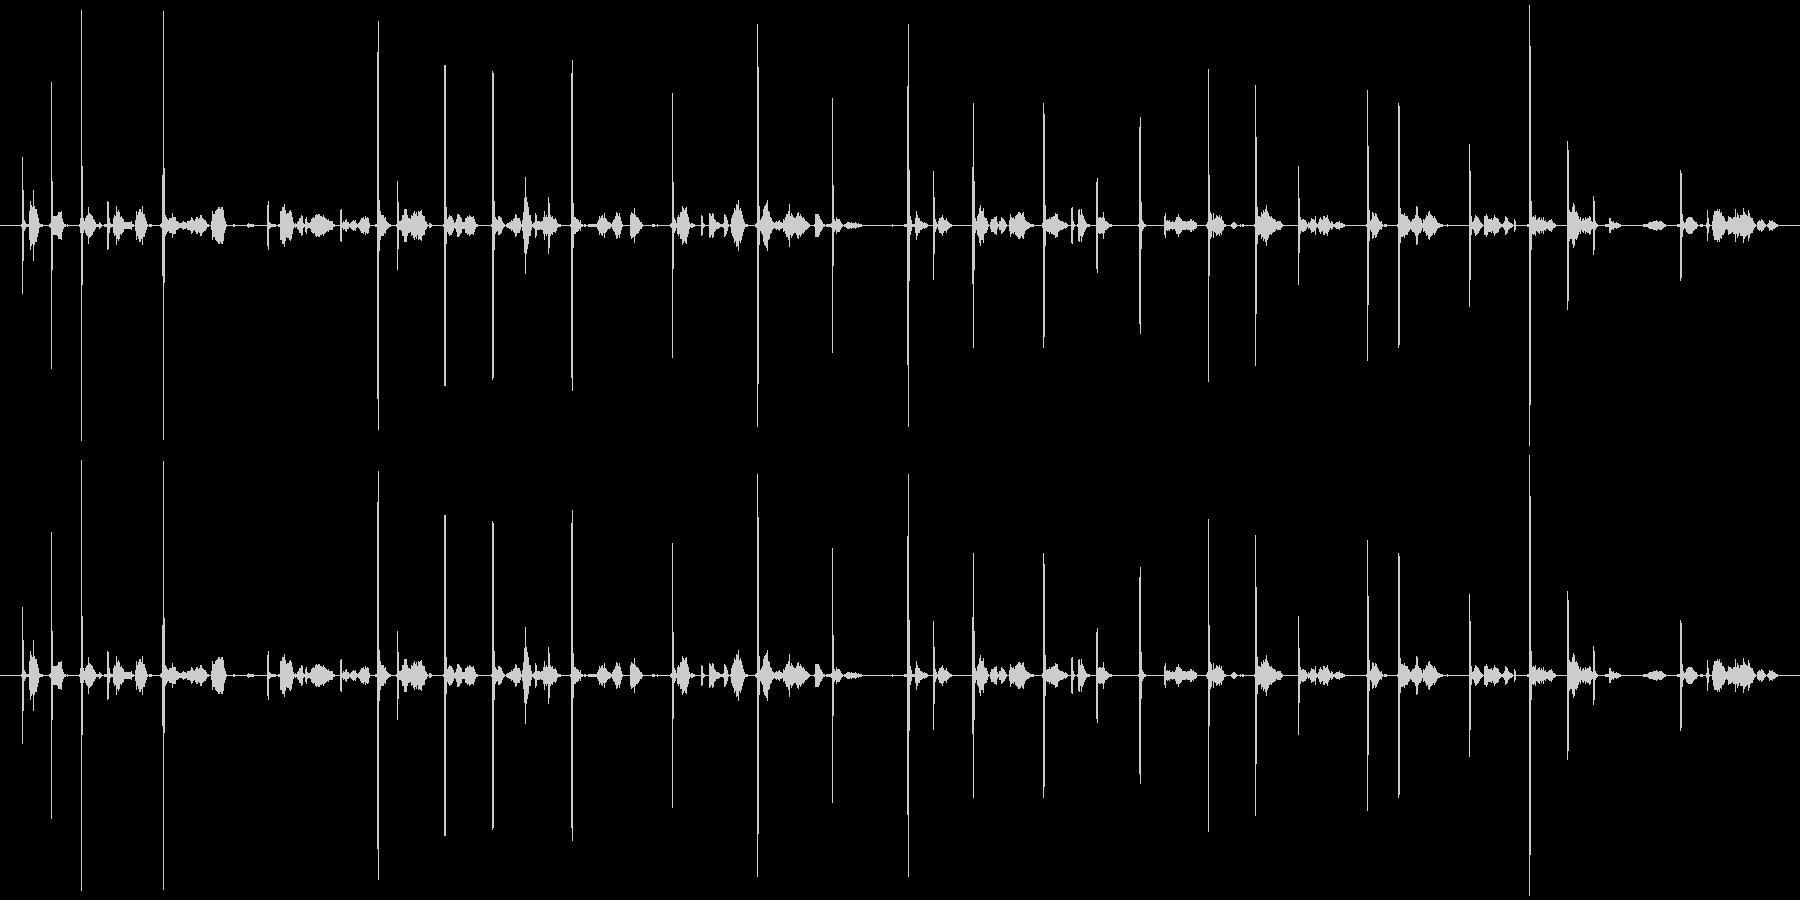 カキカキ(鉛筆で文字を書く音)木の板Bの未再生の波形